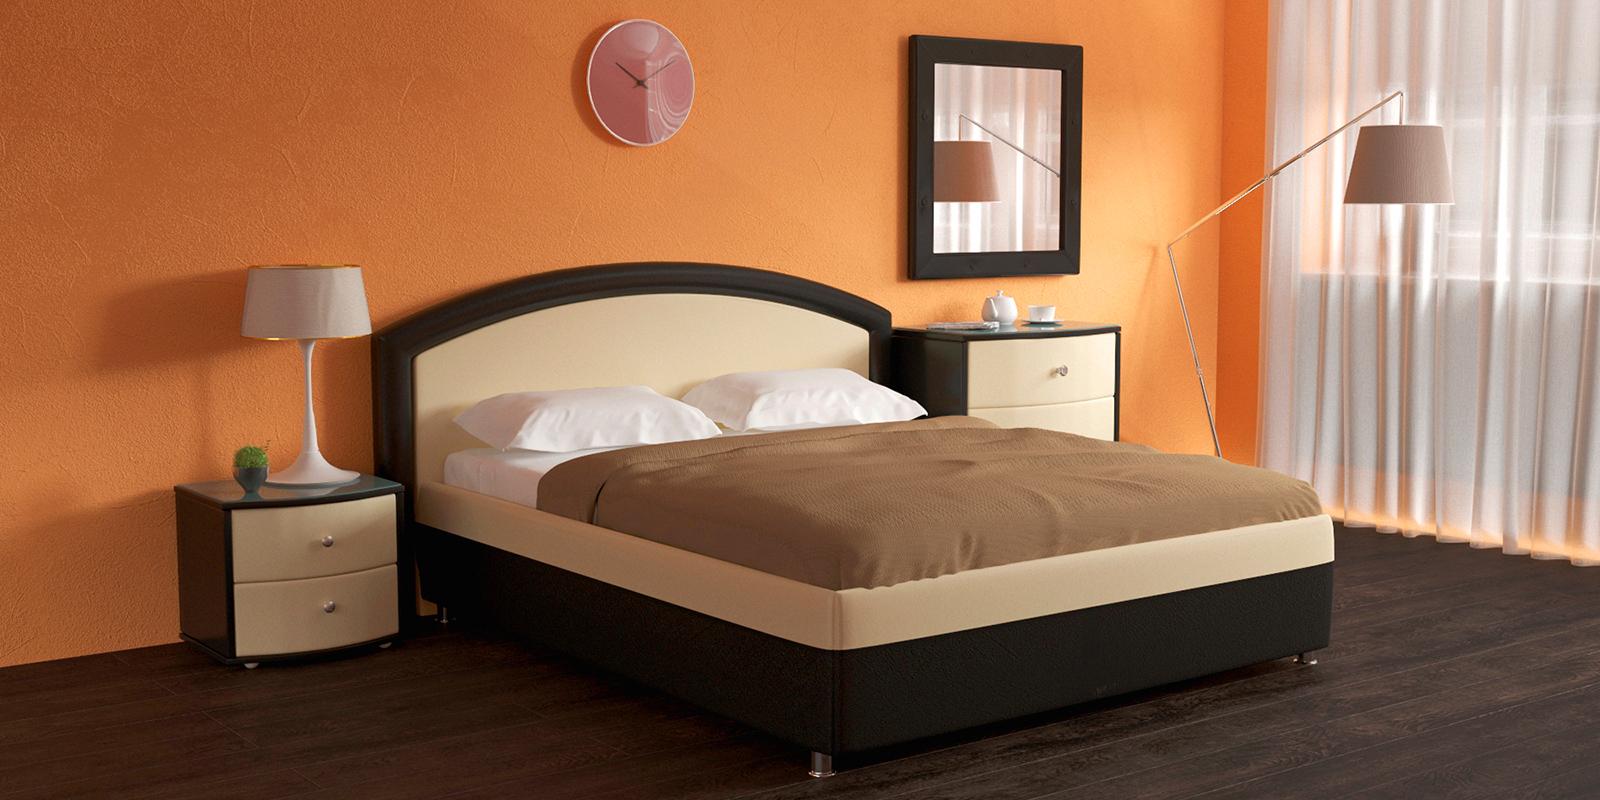 Купить Мягкая кровать 200х160 Малибу вариант №8 с ортопедическим основанием (Бежевый/Шоколад), HomeMe